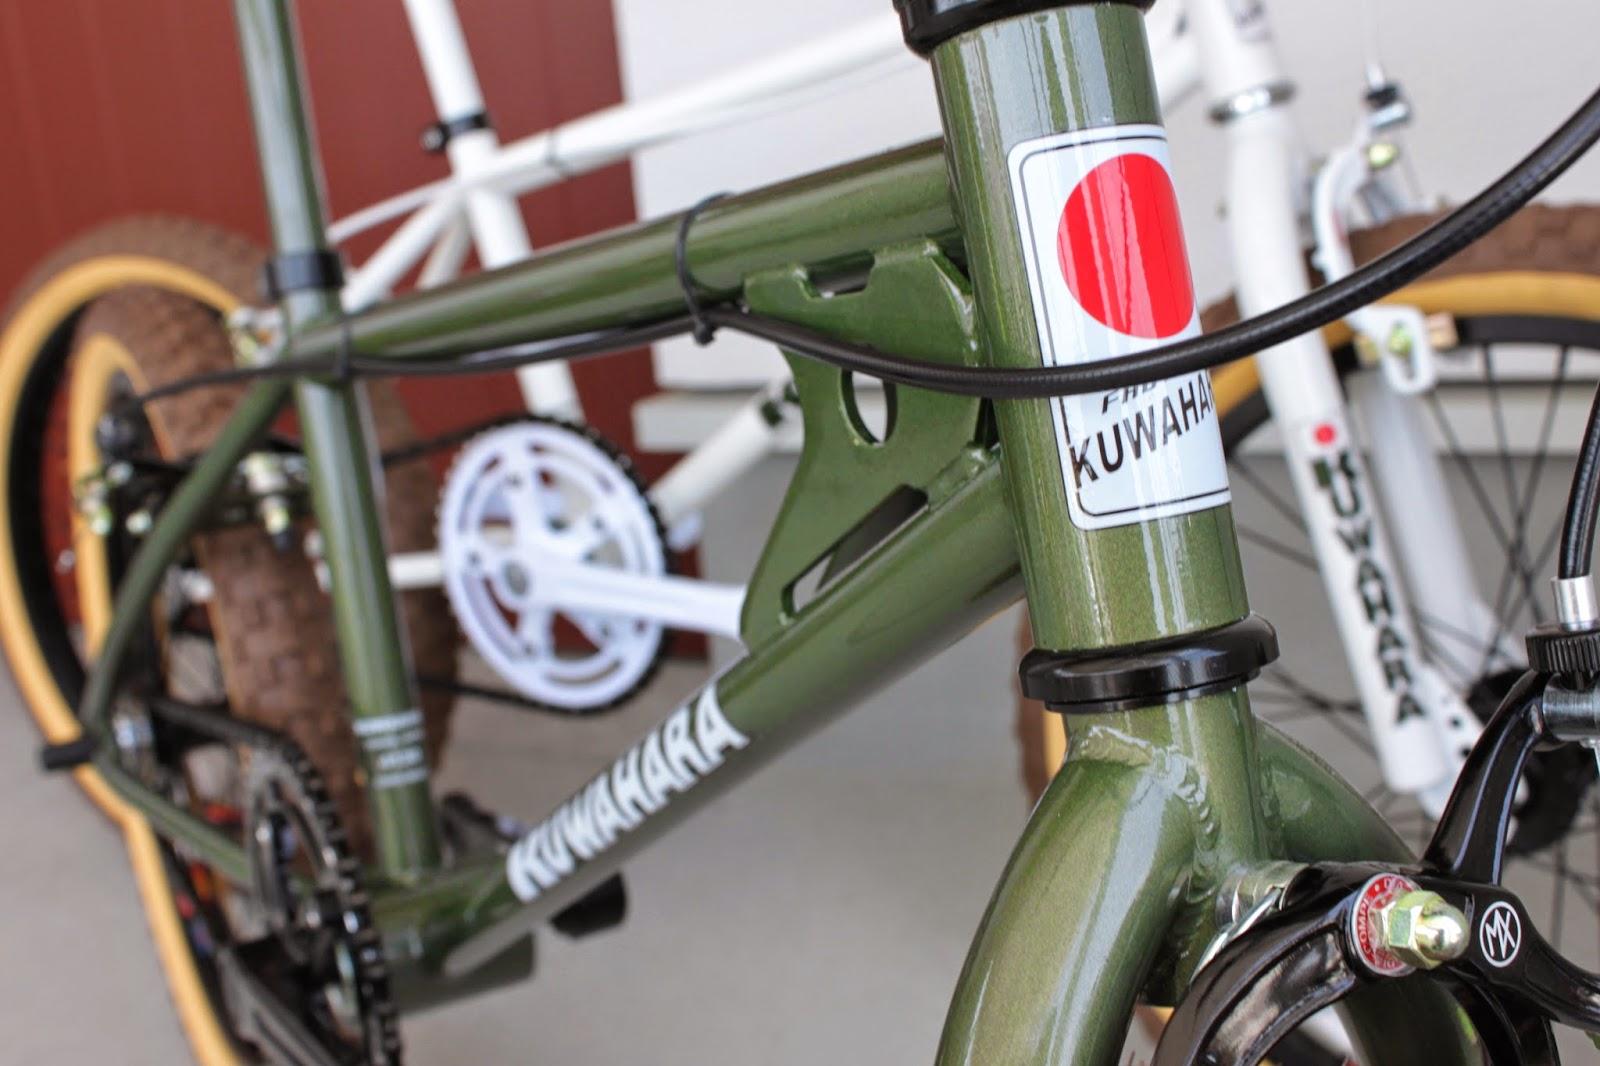 城山自転車店: KUWAHARA KZ-01 2014